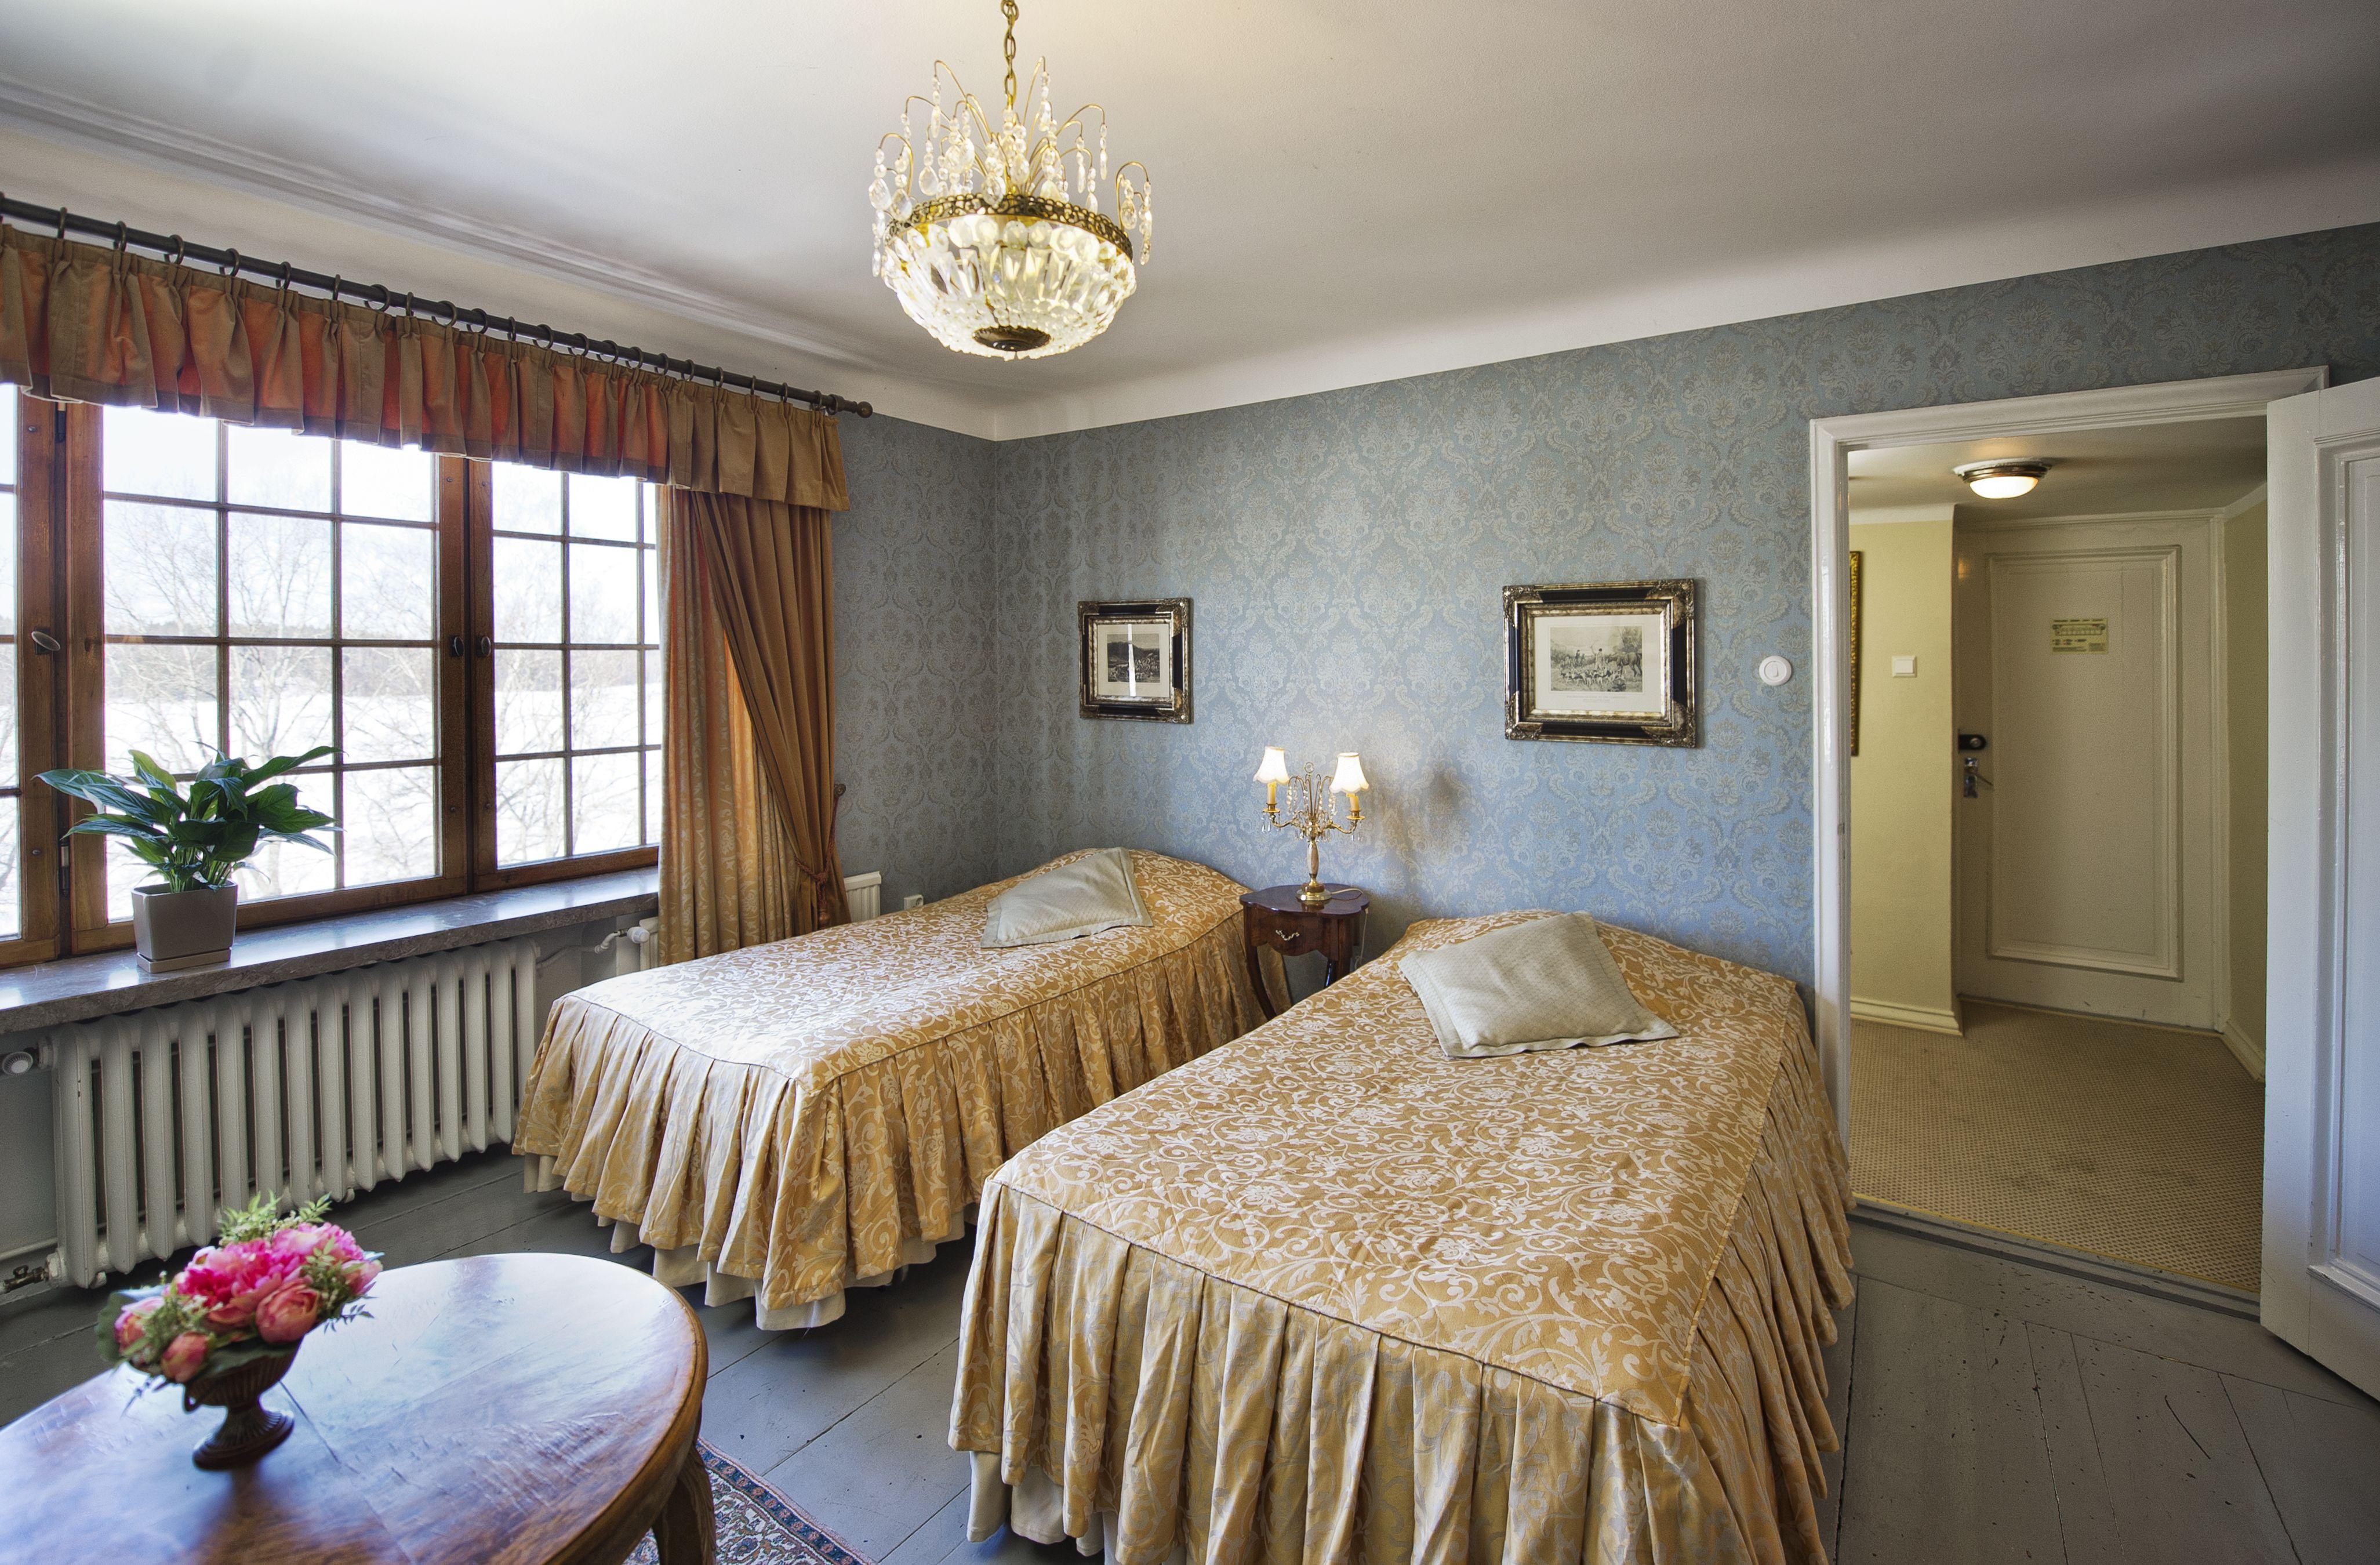 Superior-huone 15 Päälinnassa - Superior room 15 at the Main Building.  #vanajanlinna #hotel #accommodation